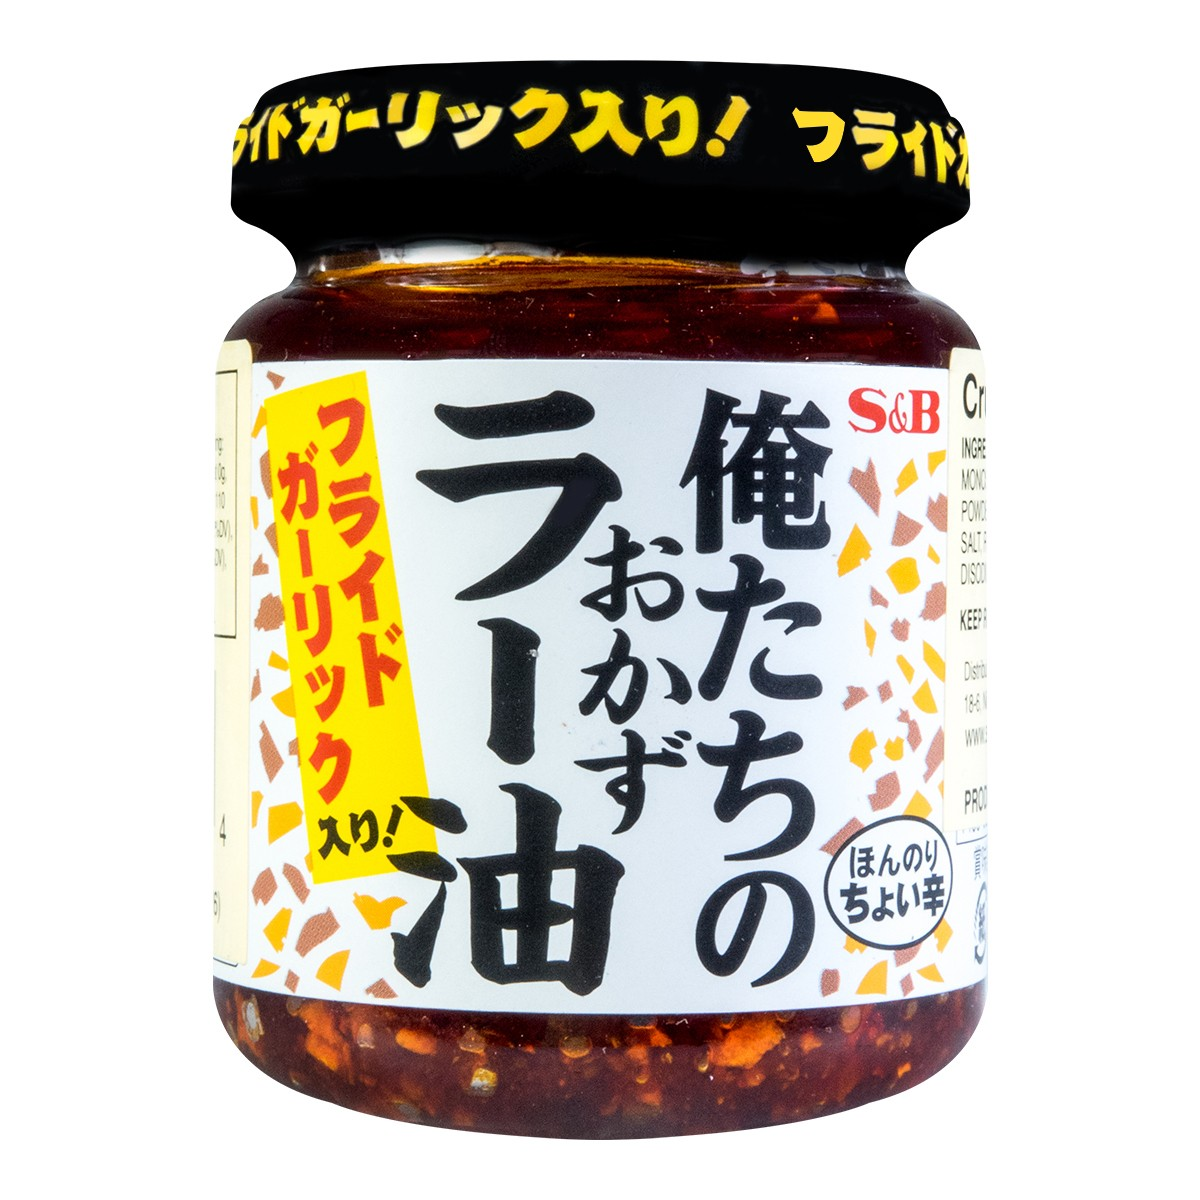 日本S&B 蒜蓉杏仁辣椒油 微辣 110g